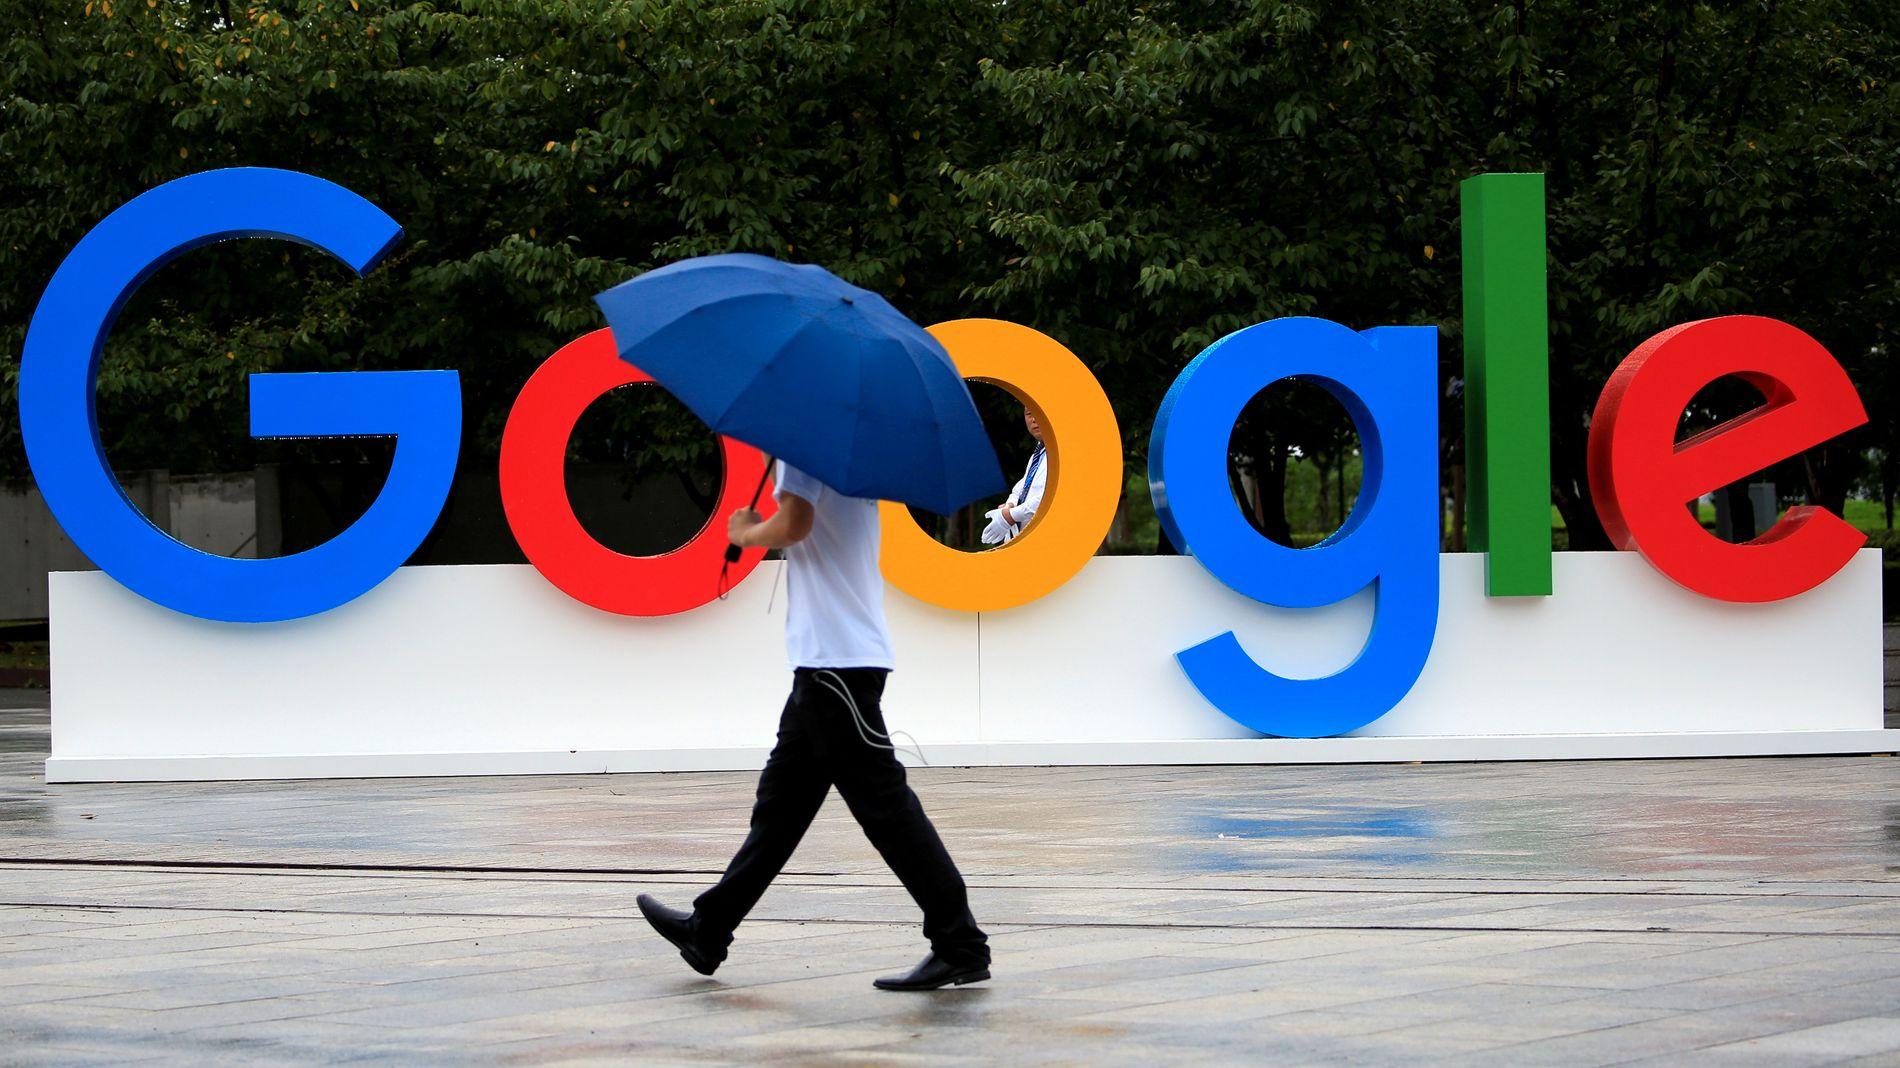 GOOGLE SLITER: Svartelistingen av kinesiske Huawei kan skape trøbbel for teknologikjempen Google, som eies av Alphabet, mener teknologikonsulent Salvador Baille.